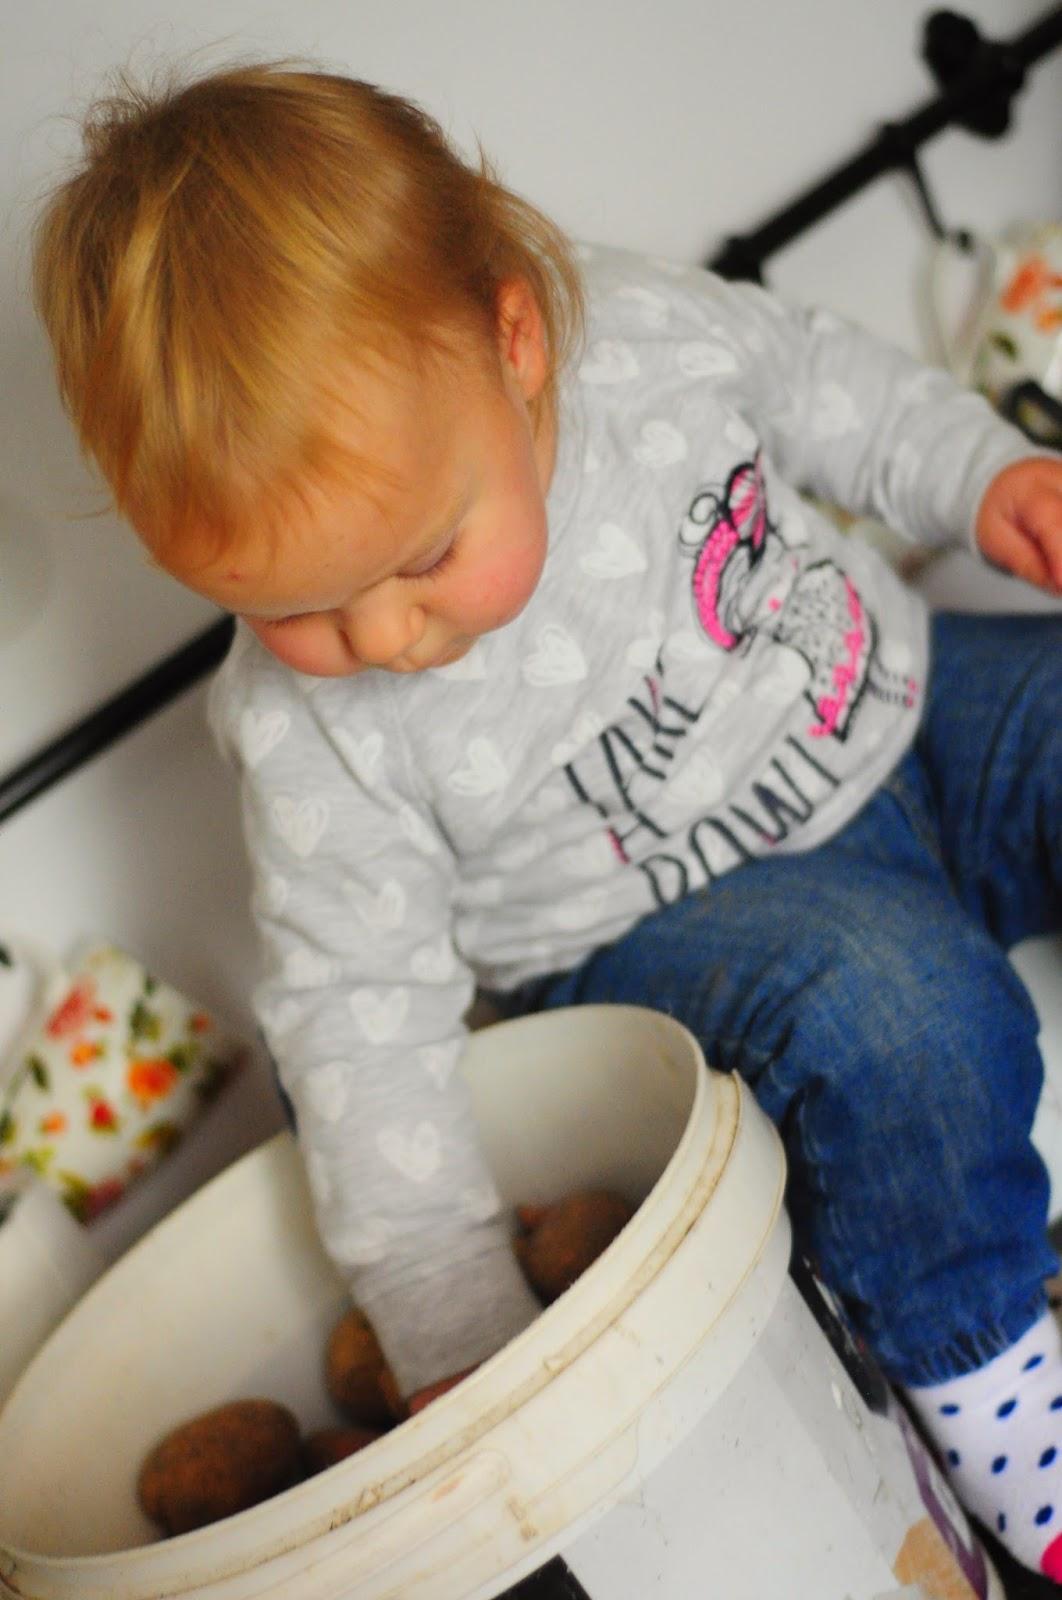 jadłospis małego dziecka, co je półtoraroczne dziecko, dziecko je tylko mleko,jak zająć dziecko w kuchni, zabawy z dzieckiem w domu